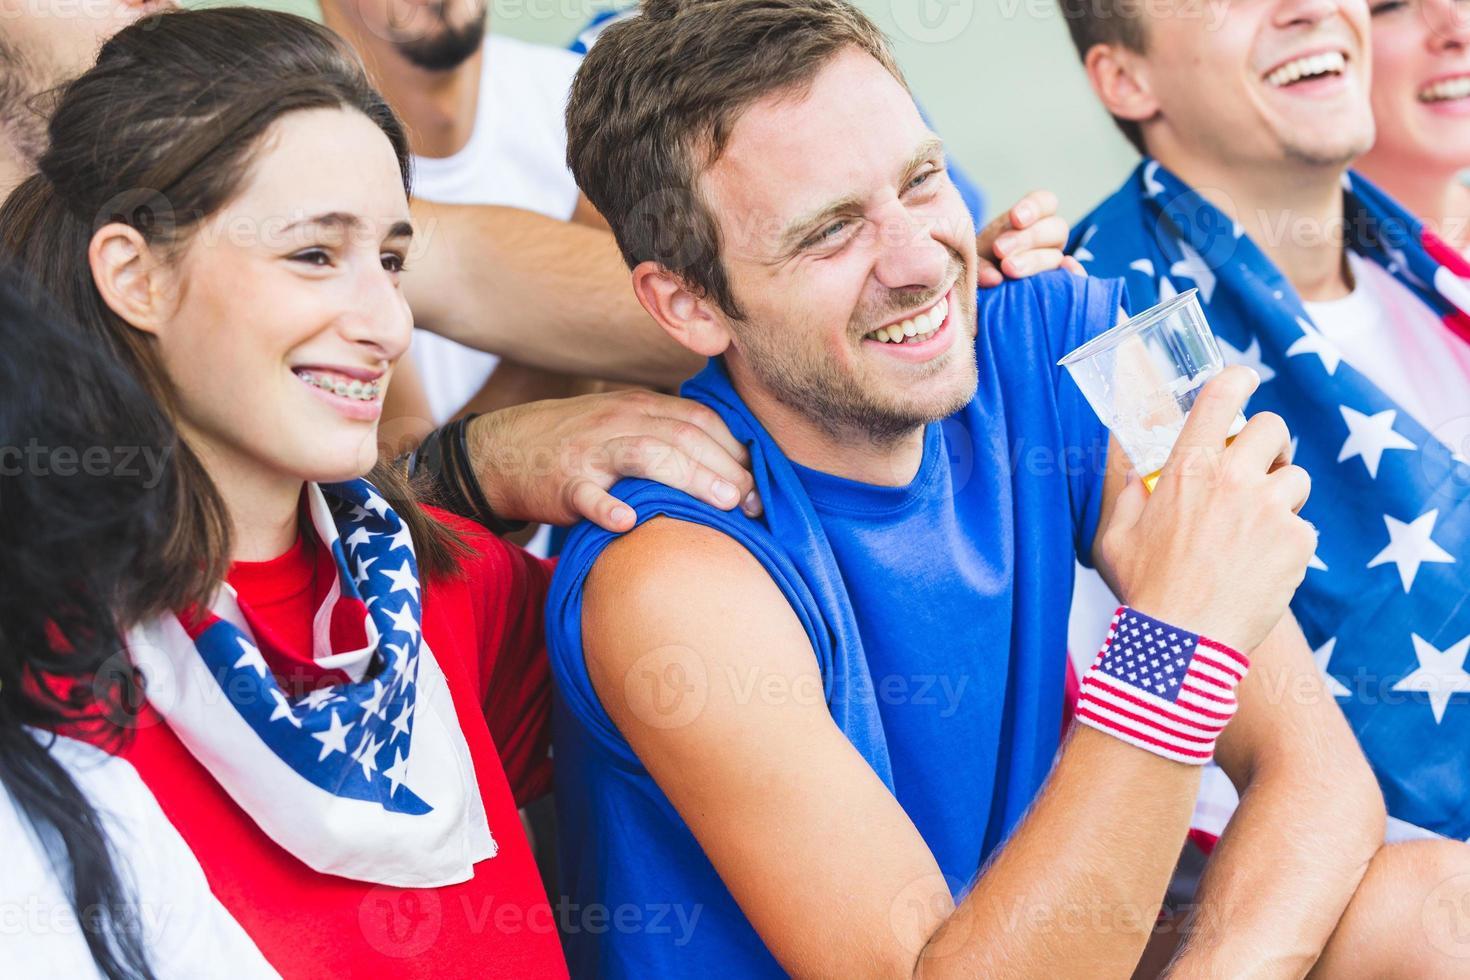 amerikanische Anhänger im Stadion foto